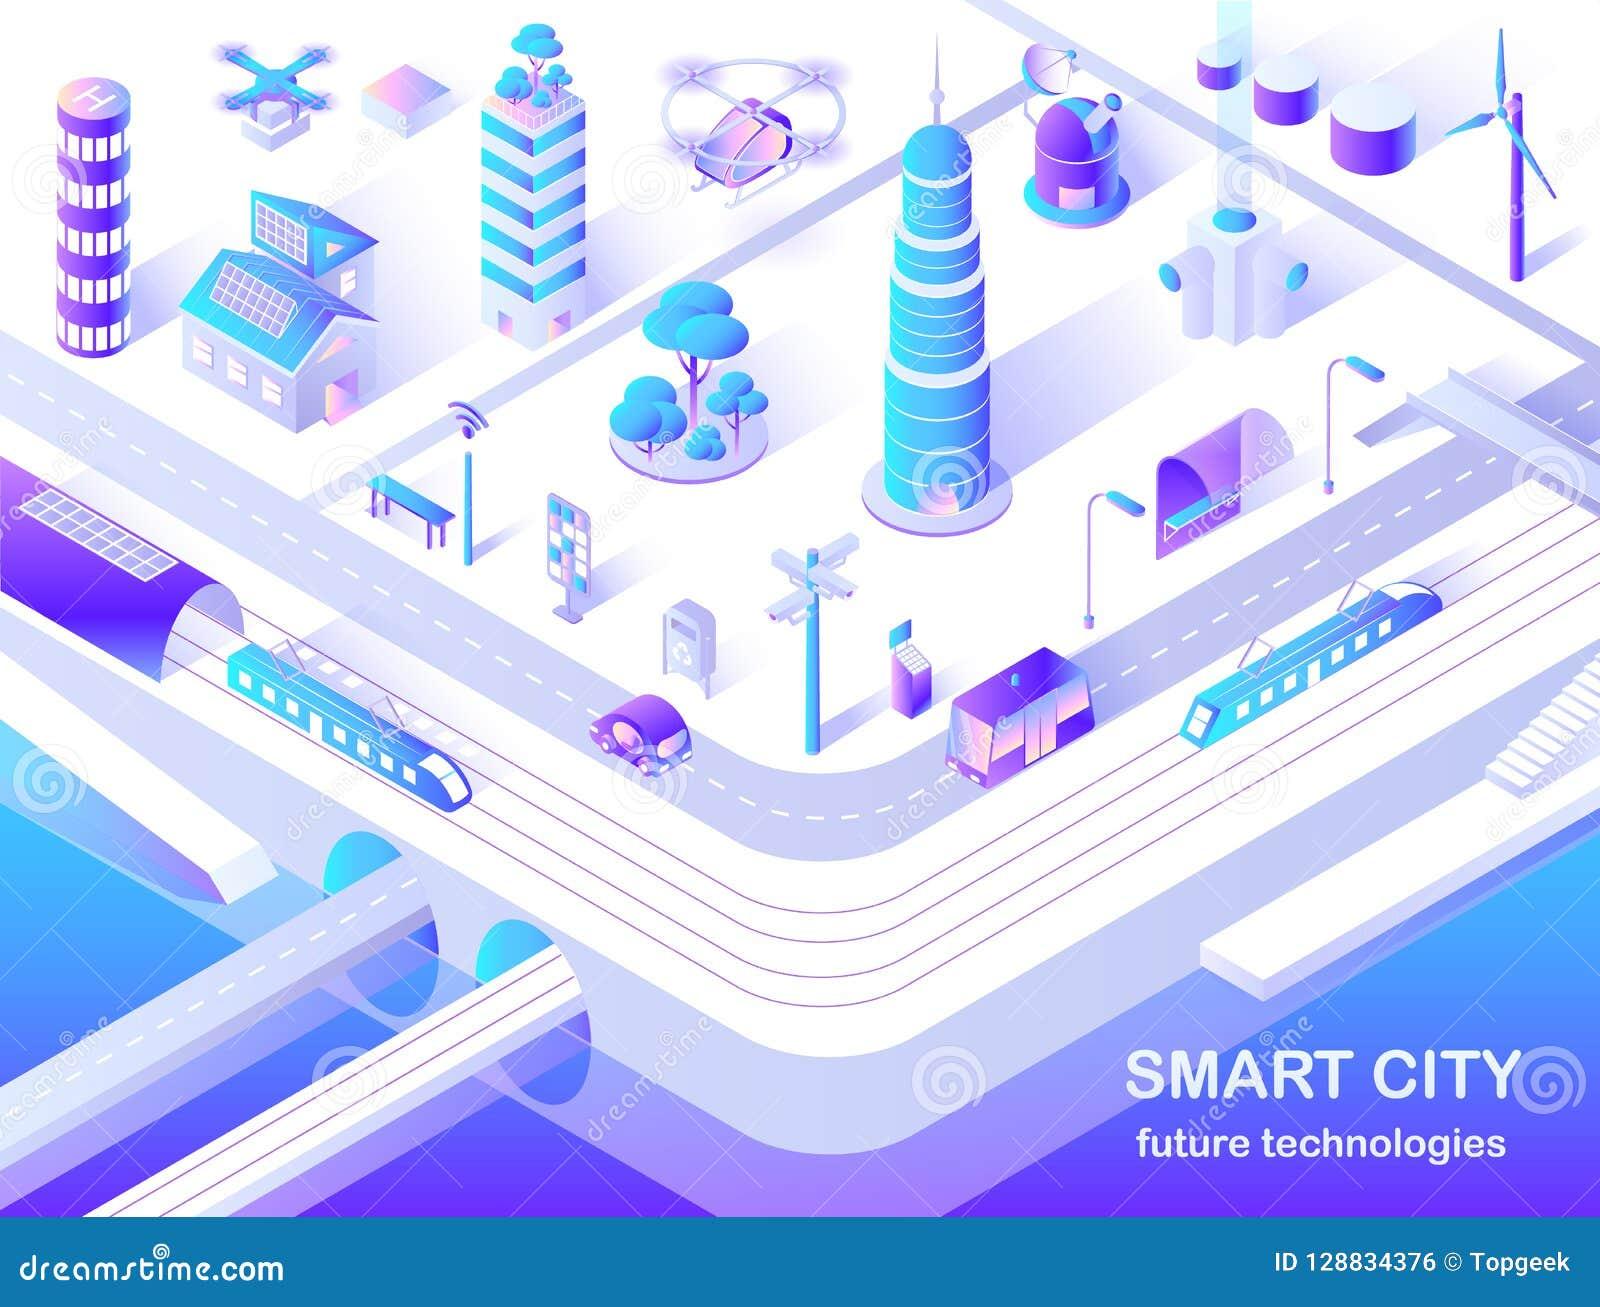 聪明的城市未来技术等量流程图